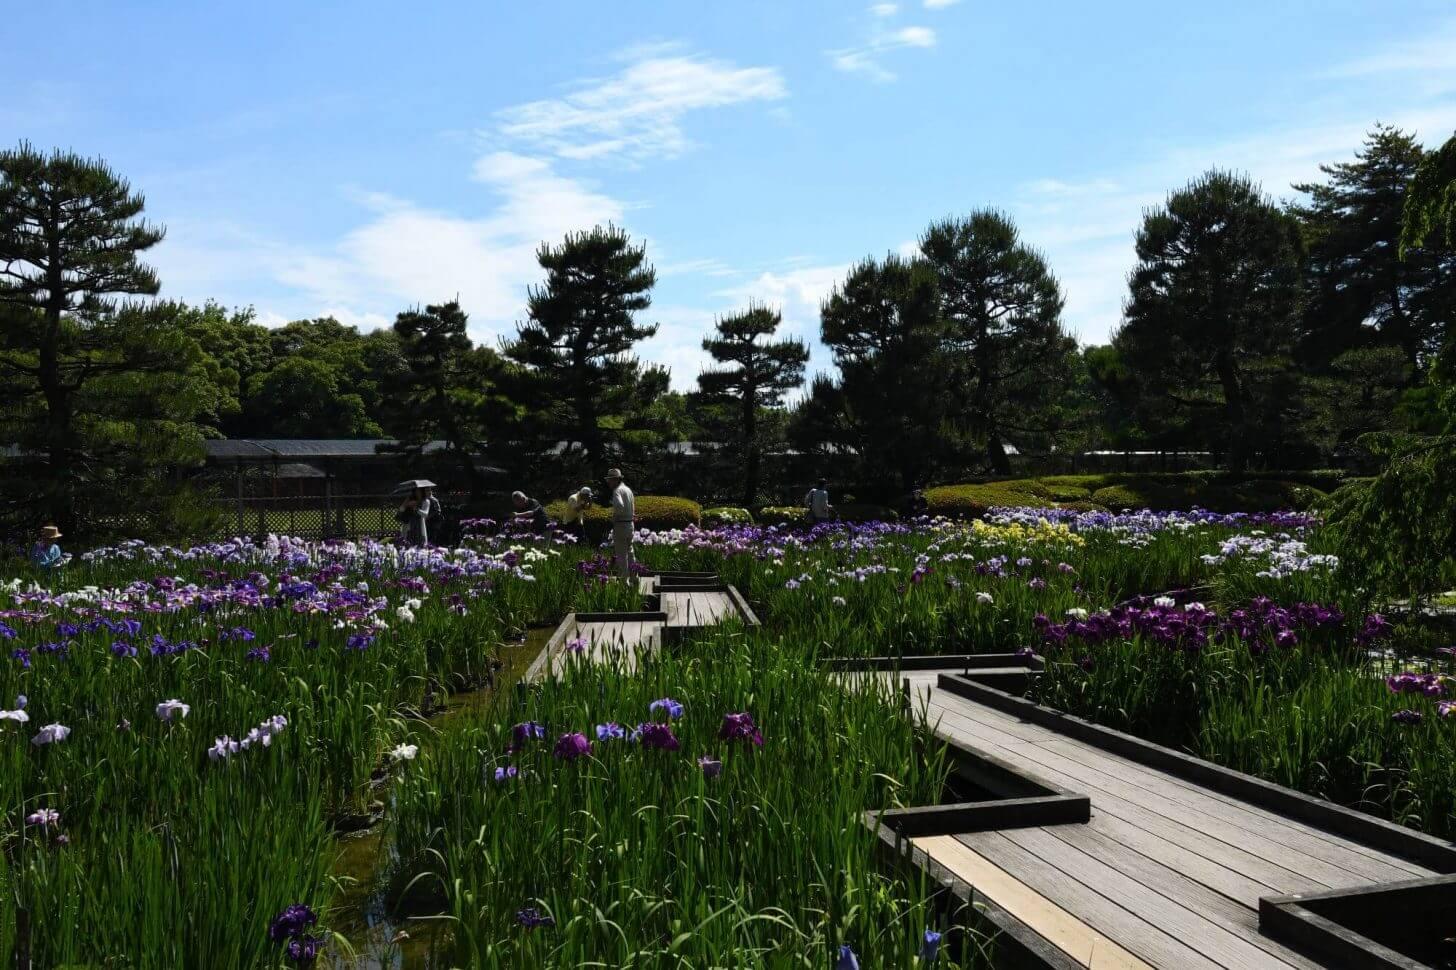 京都府立植物園のはなしょうぶ園